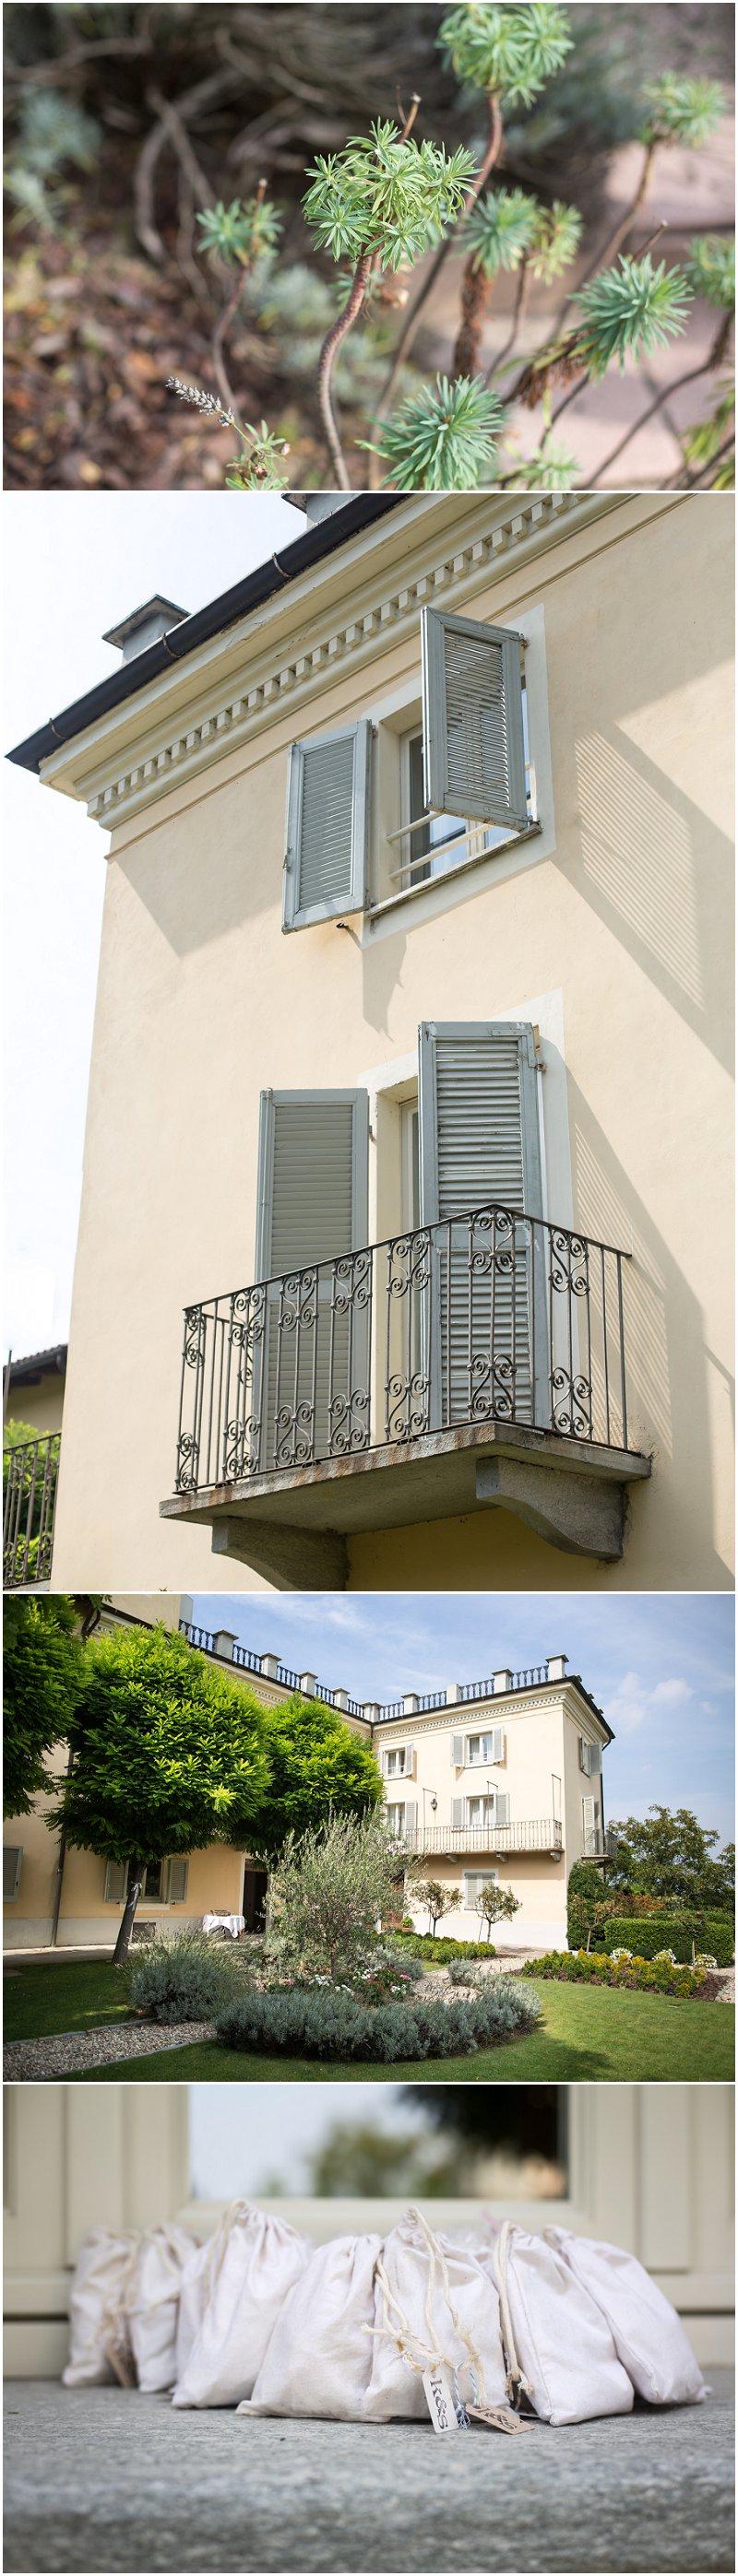 Building details of La Villa Piedmont Italy